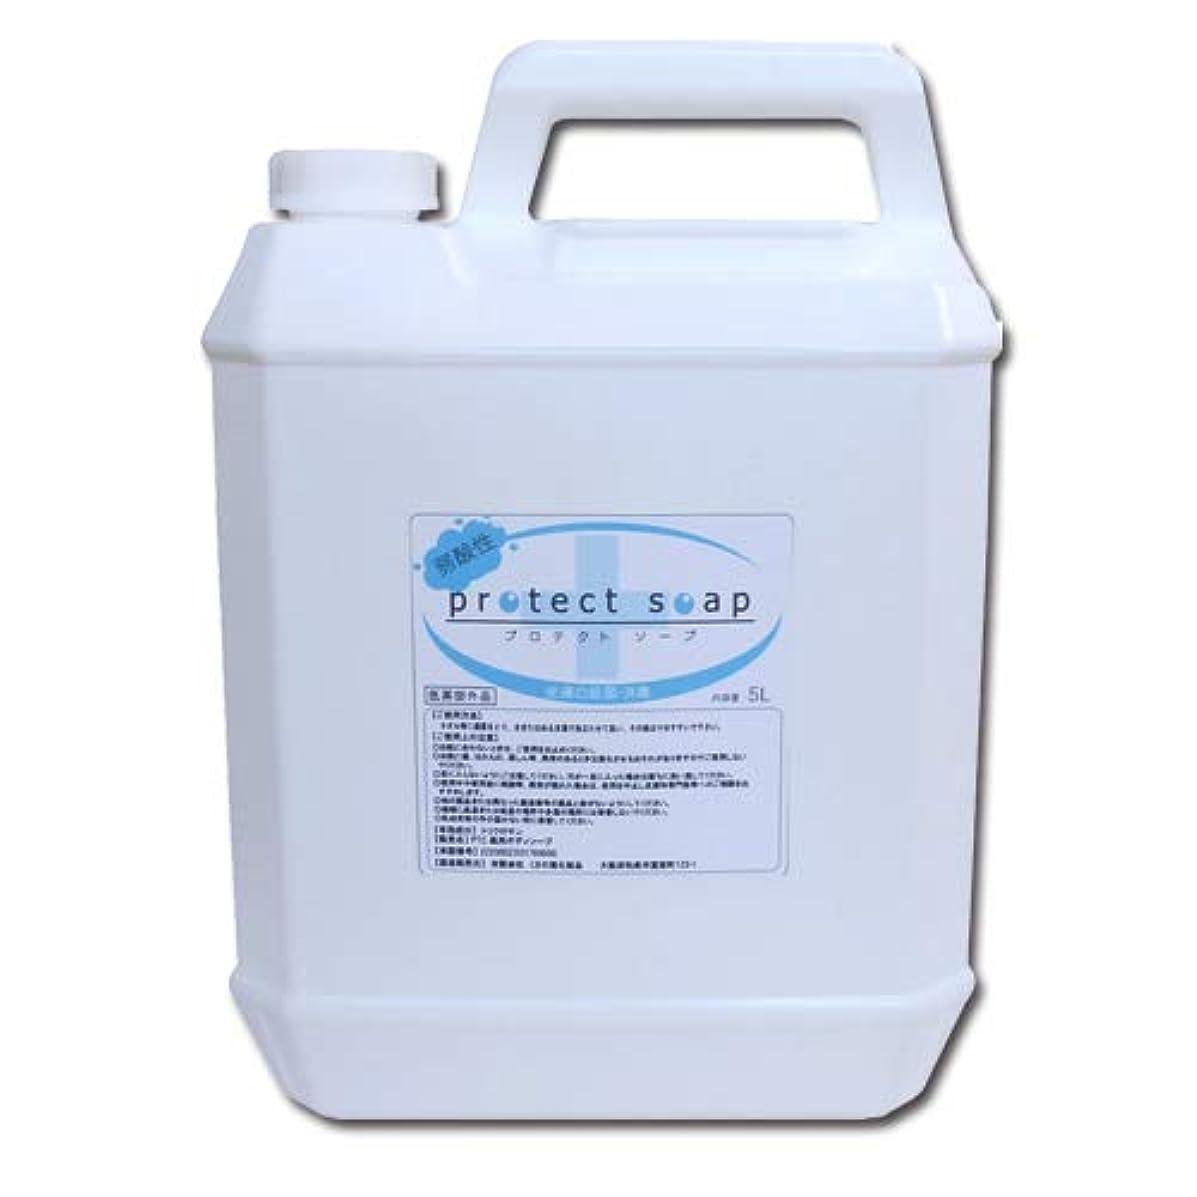 ラオス人しっとり一族低刺激弱酸性 液体石鹸 プロテクトソープ 5L 業務用│せっけん液 液体せっけん 殺菌?消毒 インフルエンザ?ノロウィルス対策